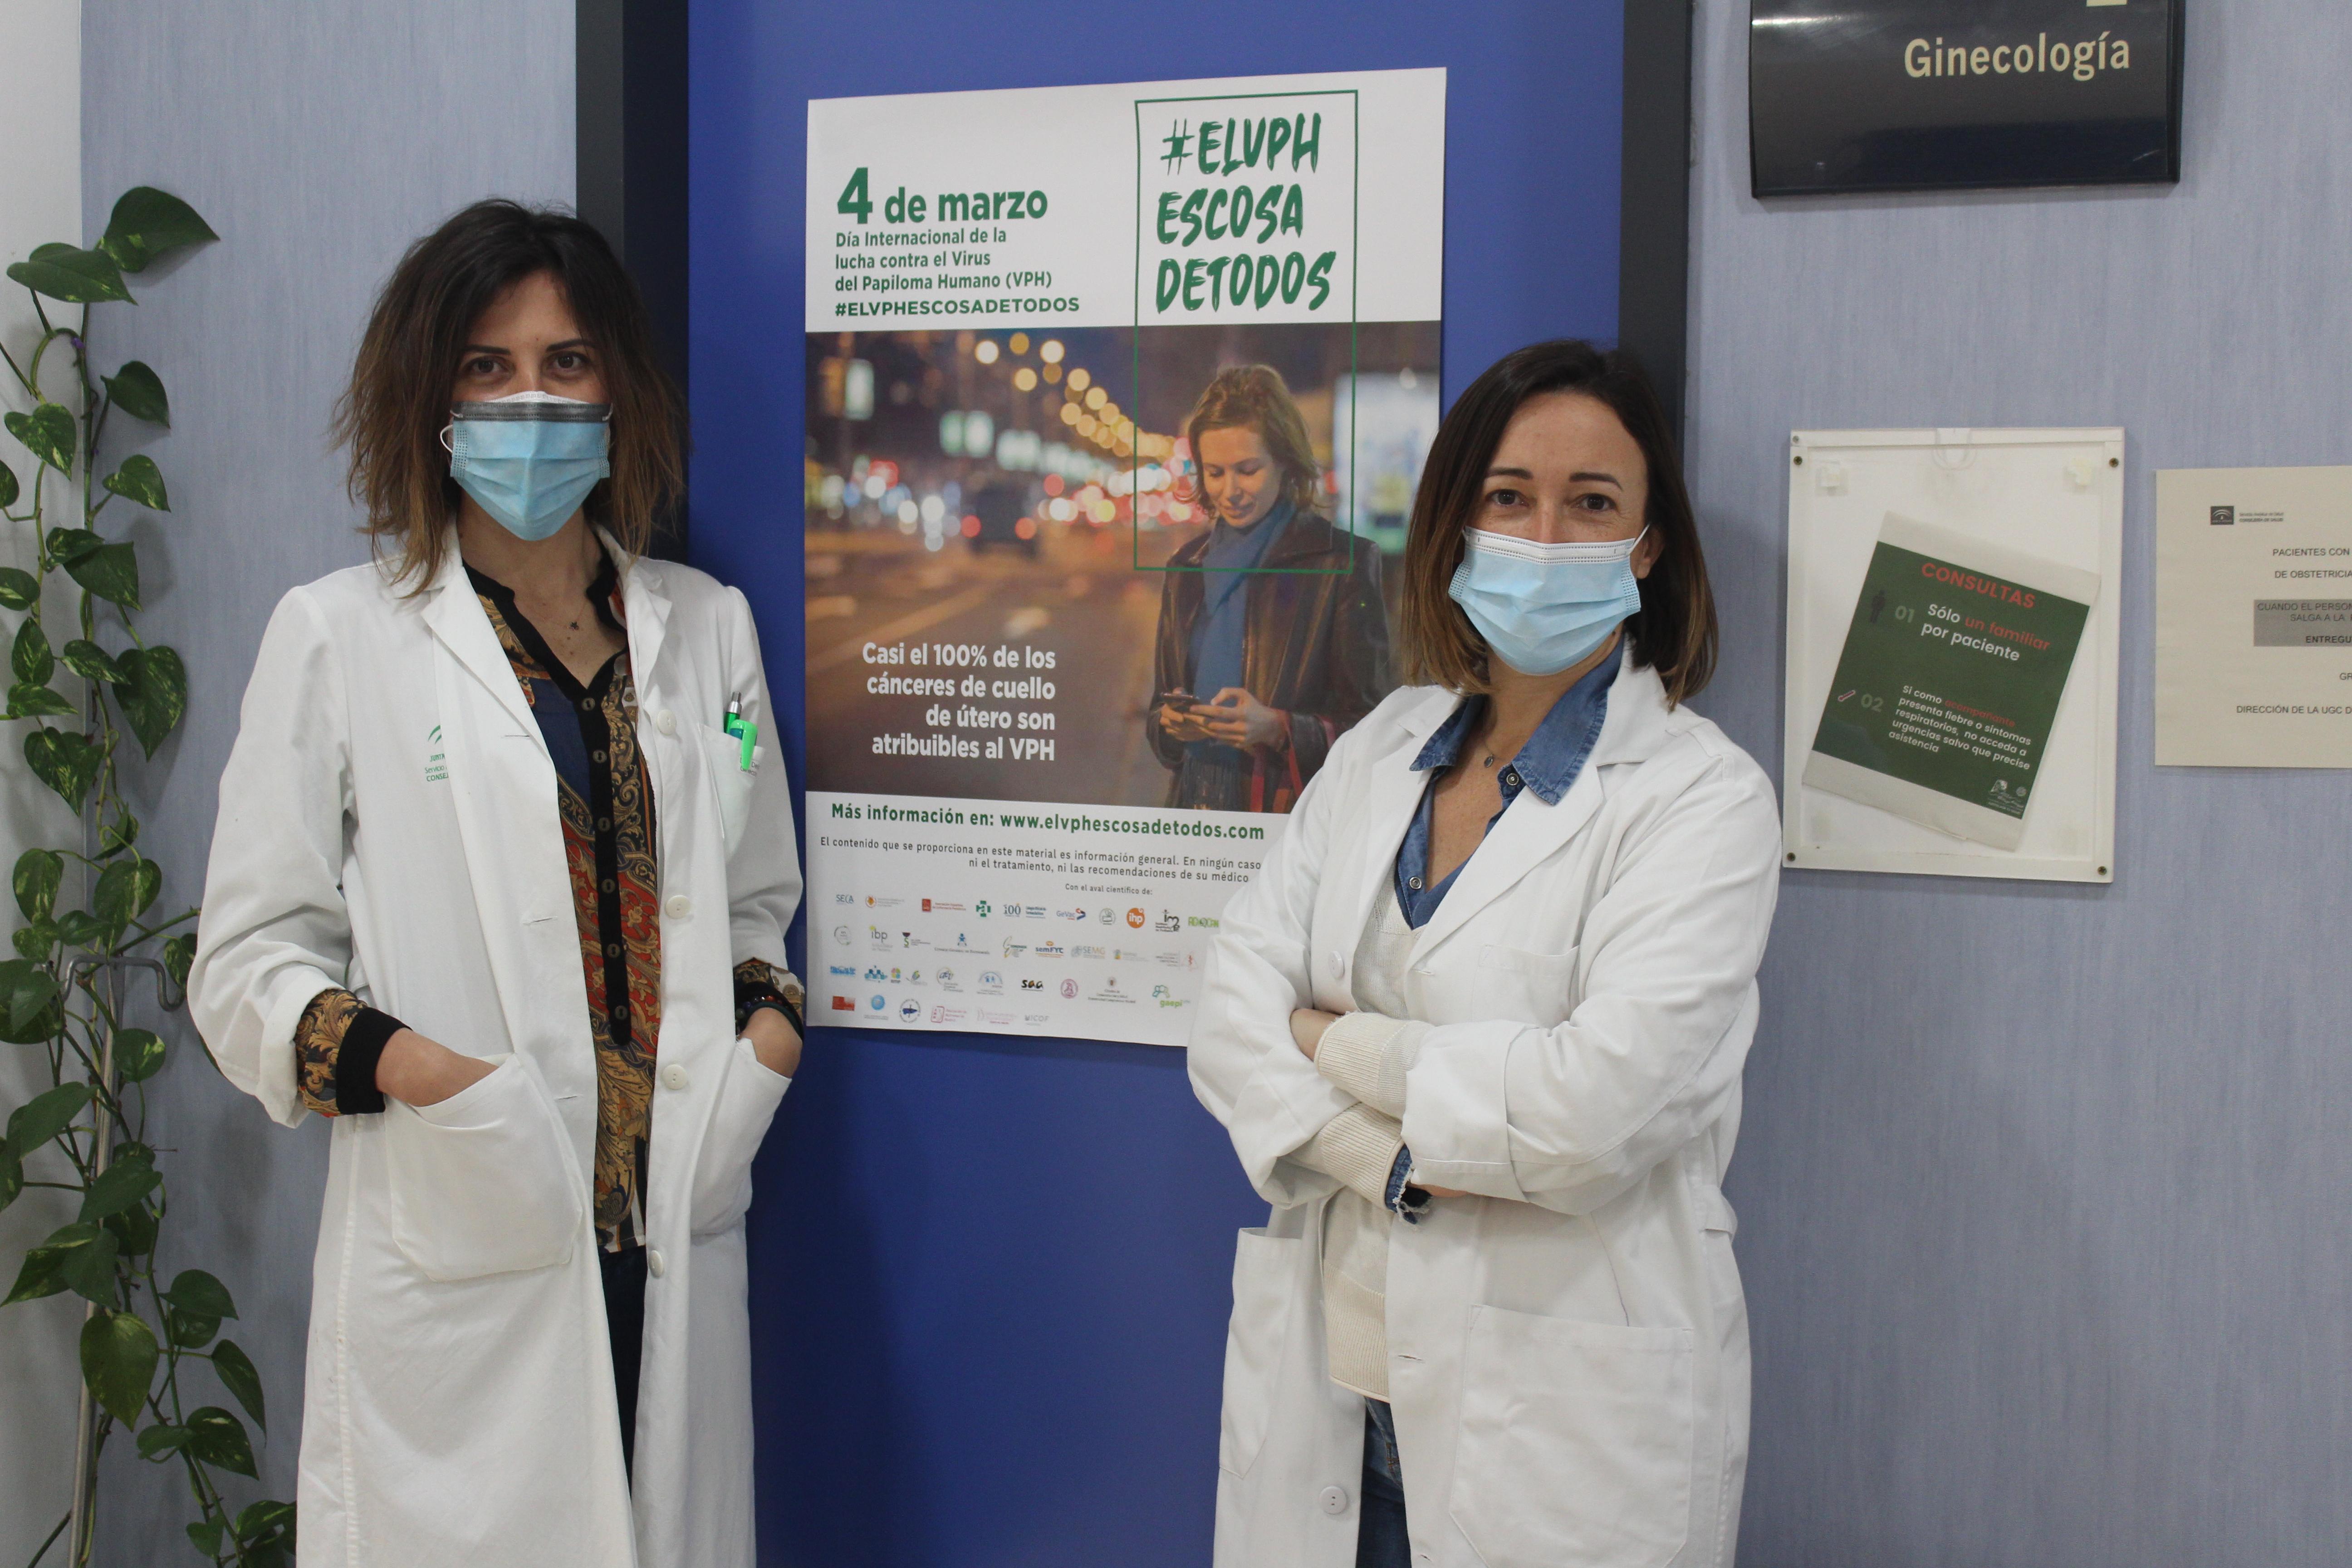 El Área Sanitaria Este de Málaga-Axarquía se suma a la jornada de sensibilización del Día Mundial de Concienciación sobre el Virus del Papiloma Humano (VPH)